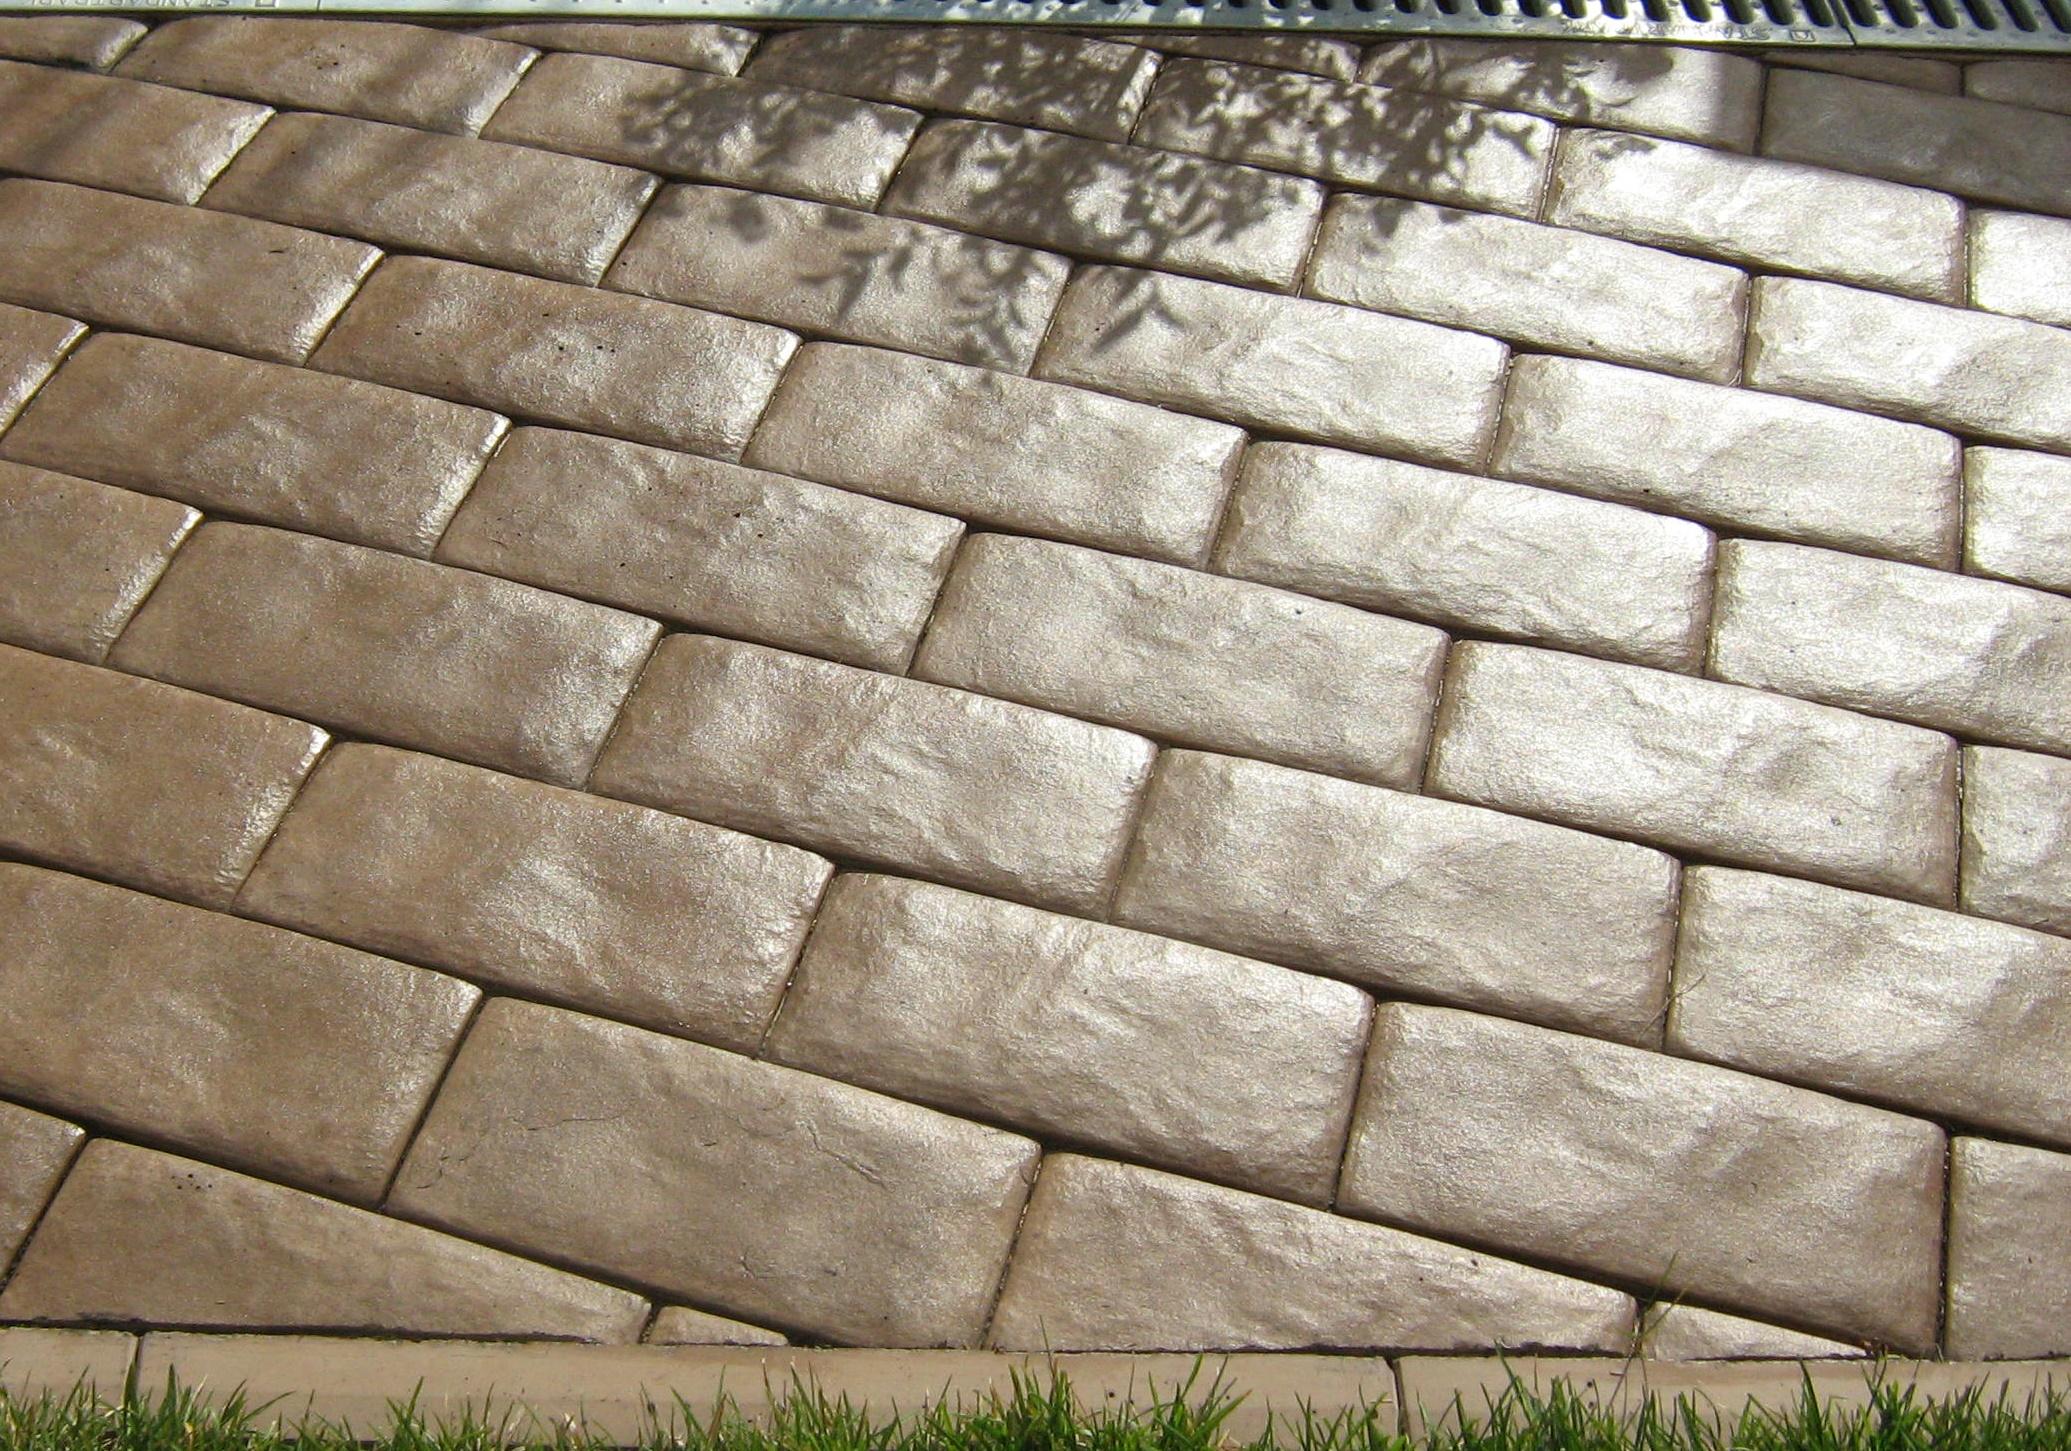 Тротуарное покрытие с нанесенным на него водоотталкивающим составом